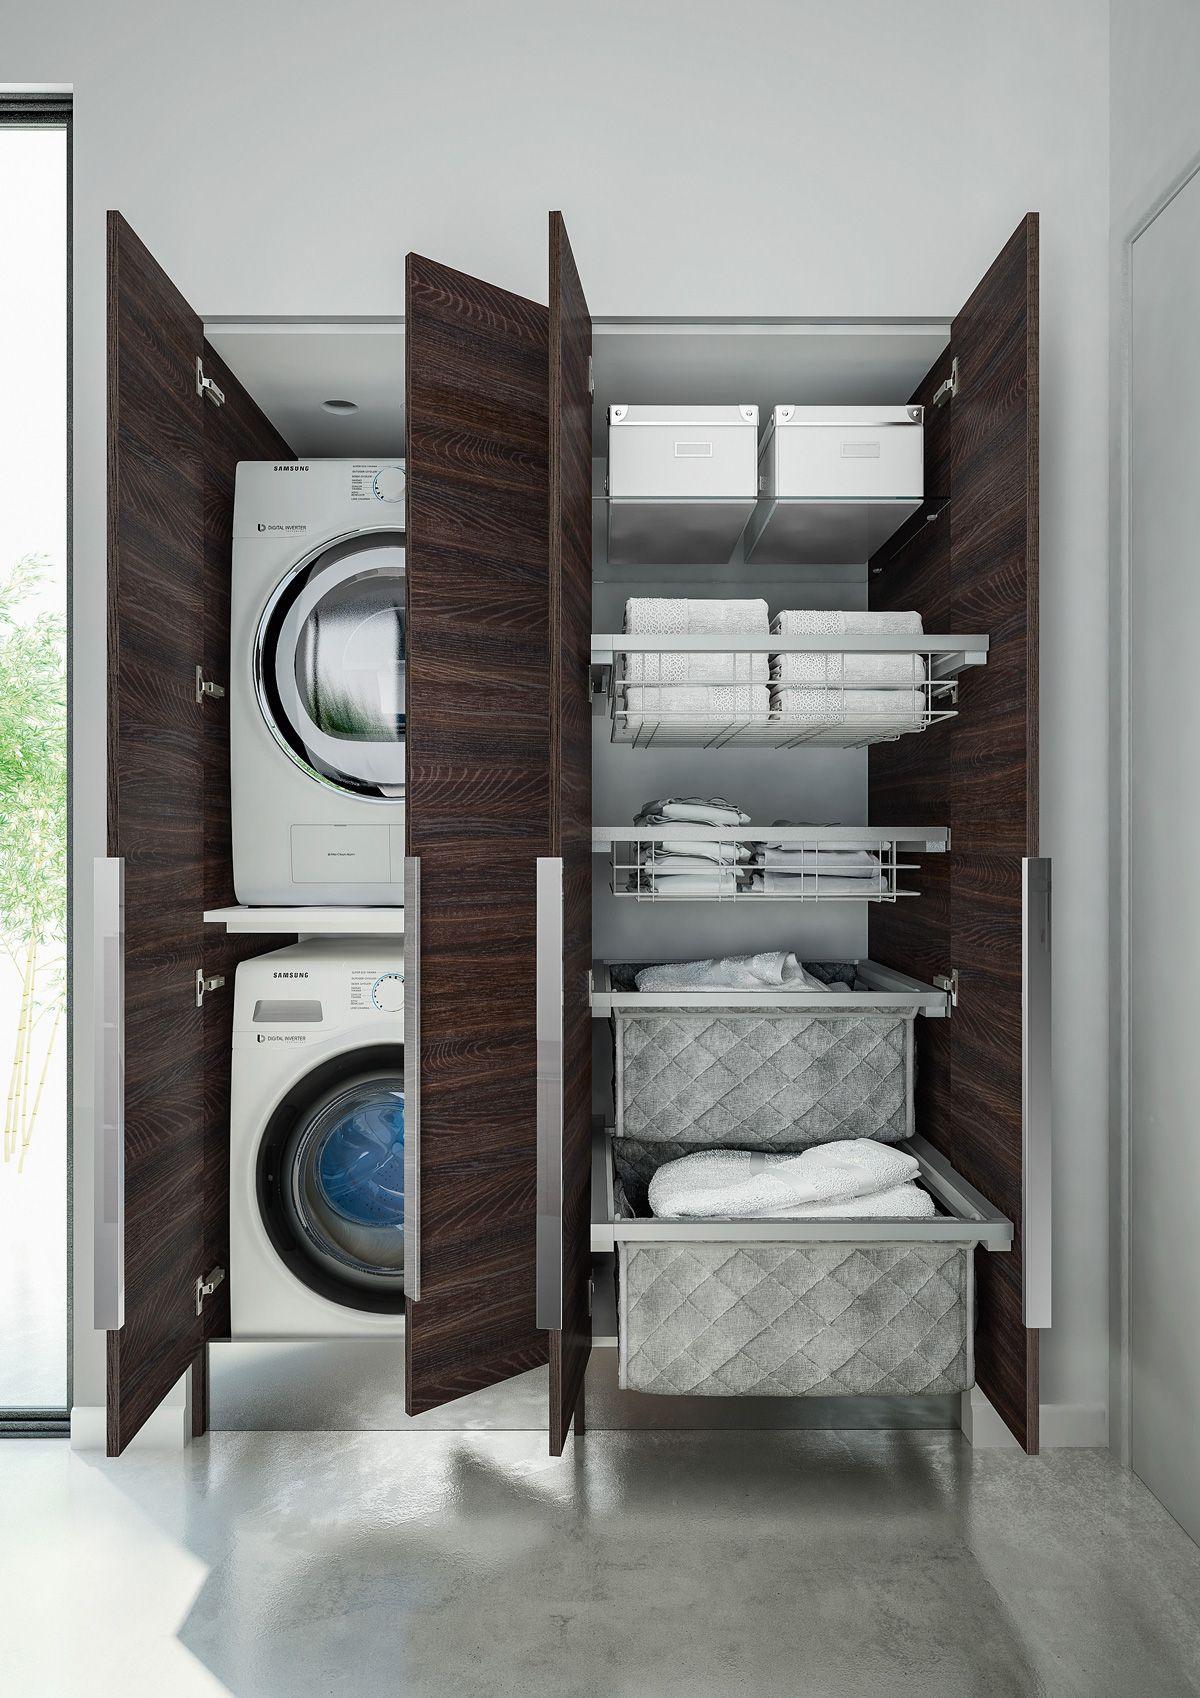 Lavanderia invisibile come progettarla nel bagno di casa for Come progettare mobili